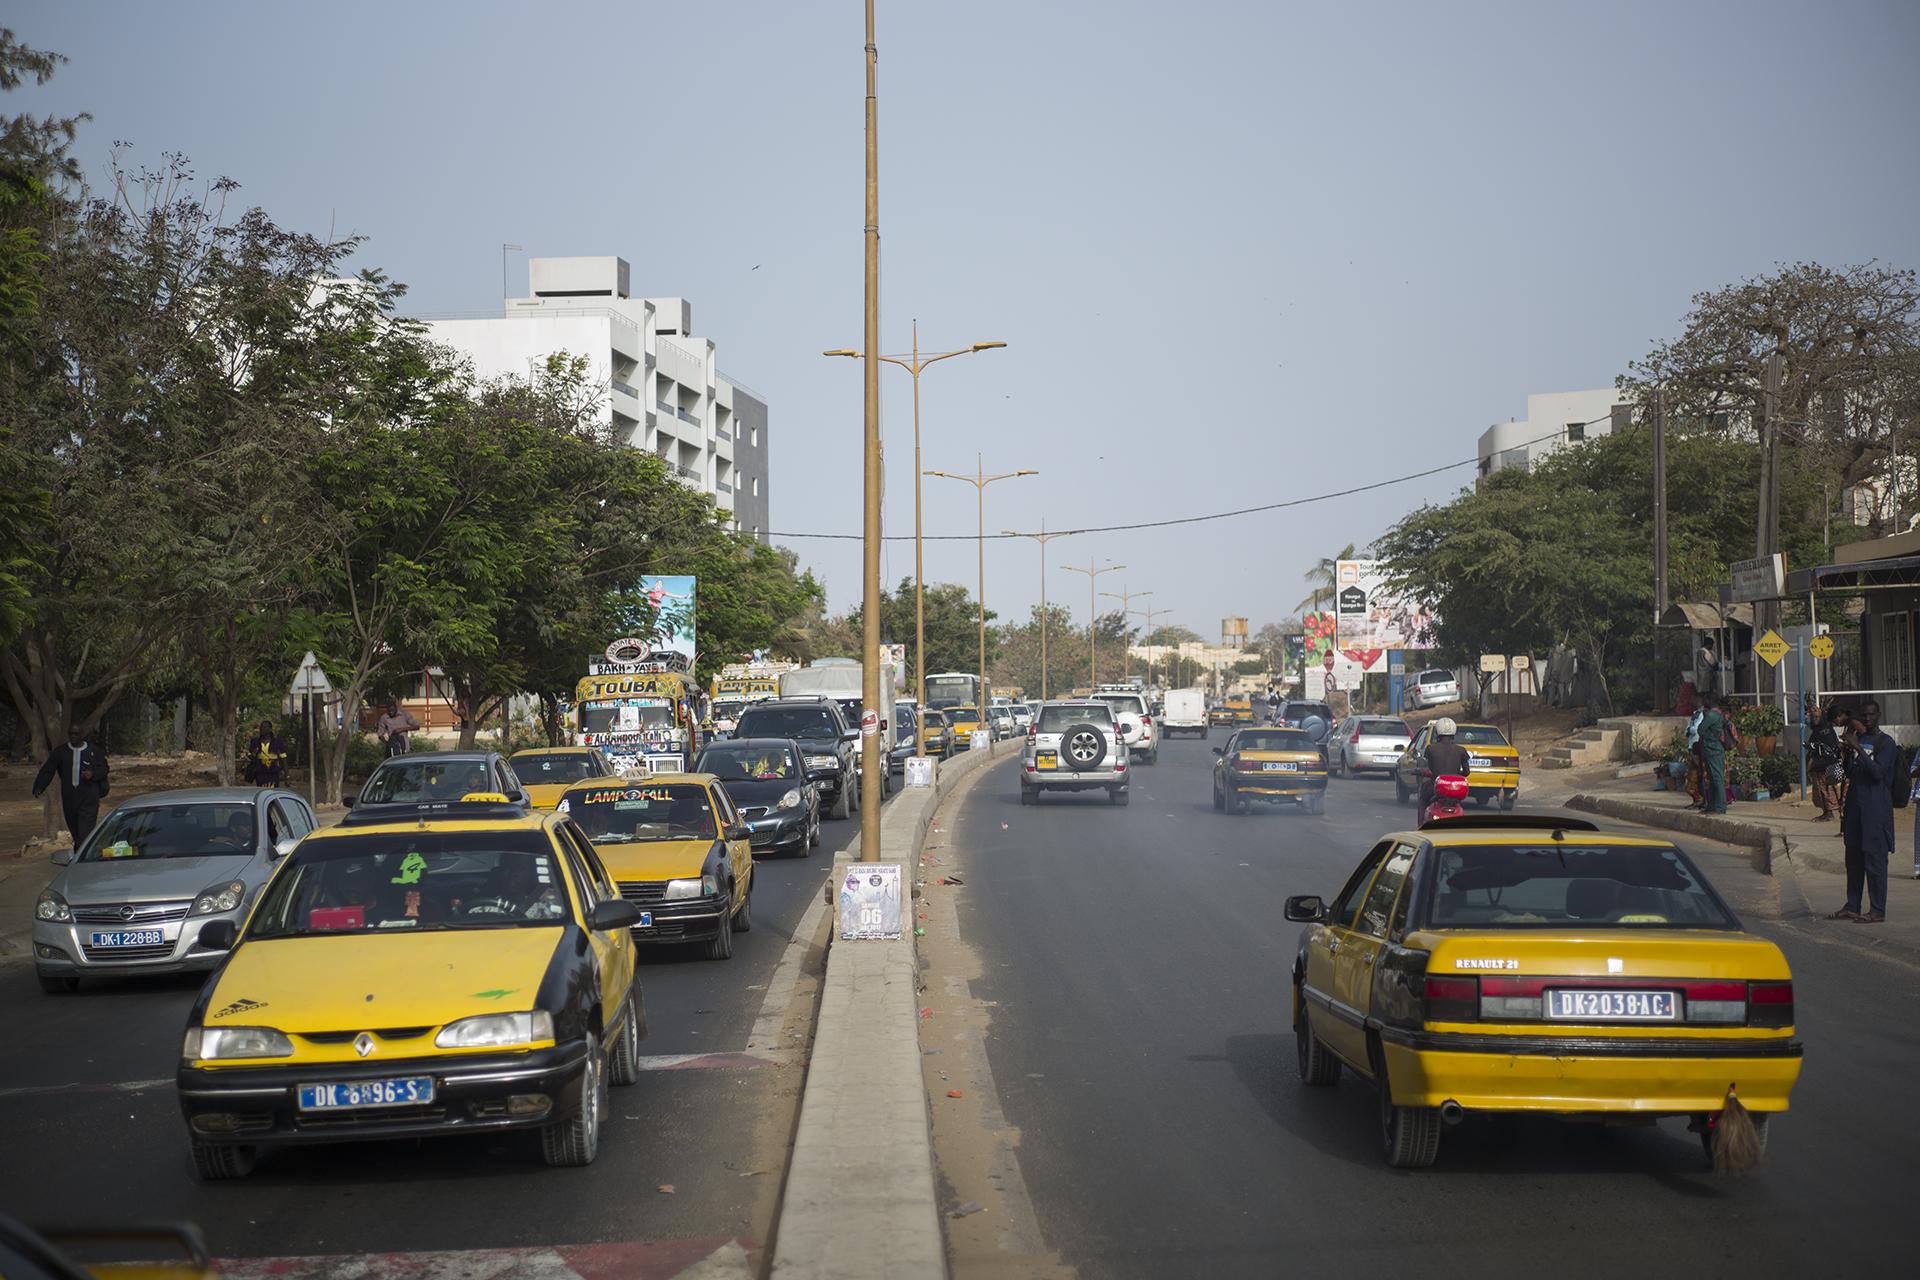 Circulation routière à Dakar, Sénégal. Mai 201716h, Quartier de Ouakam, heure à laquelle la circulation s'intensifie. Chaque année la région de Dakar enregistre environ 40 000 nouvelles immatriculations, qui s'ajoutent à la densité de son parc automobile existant.